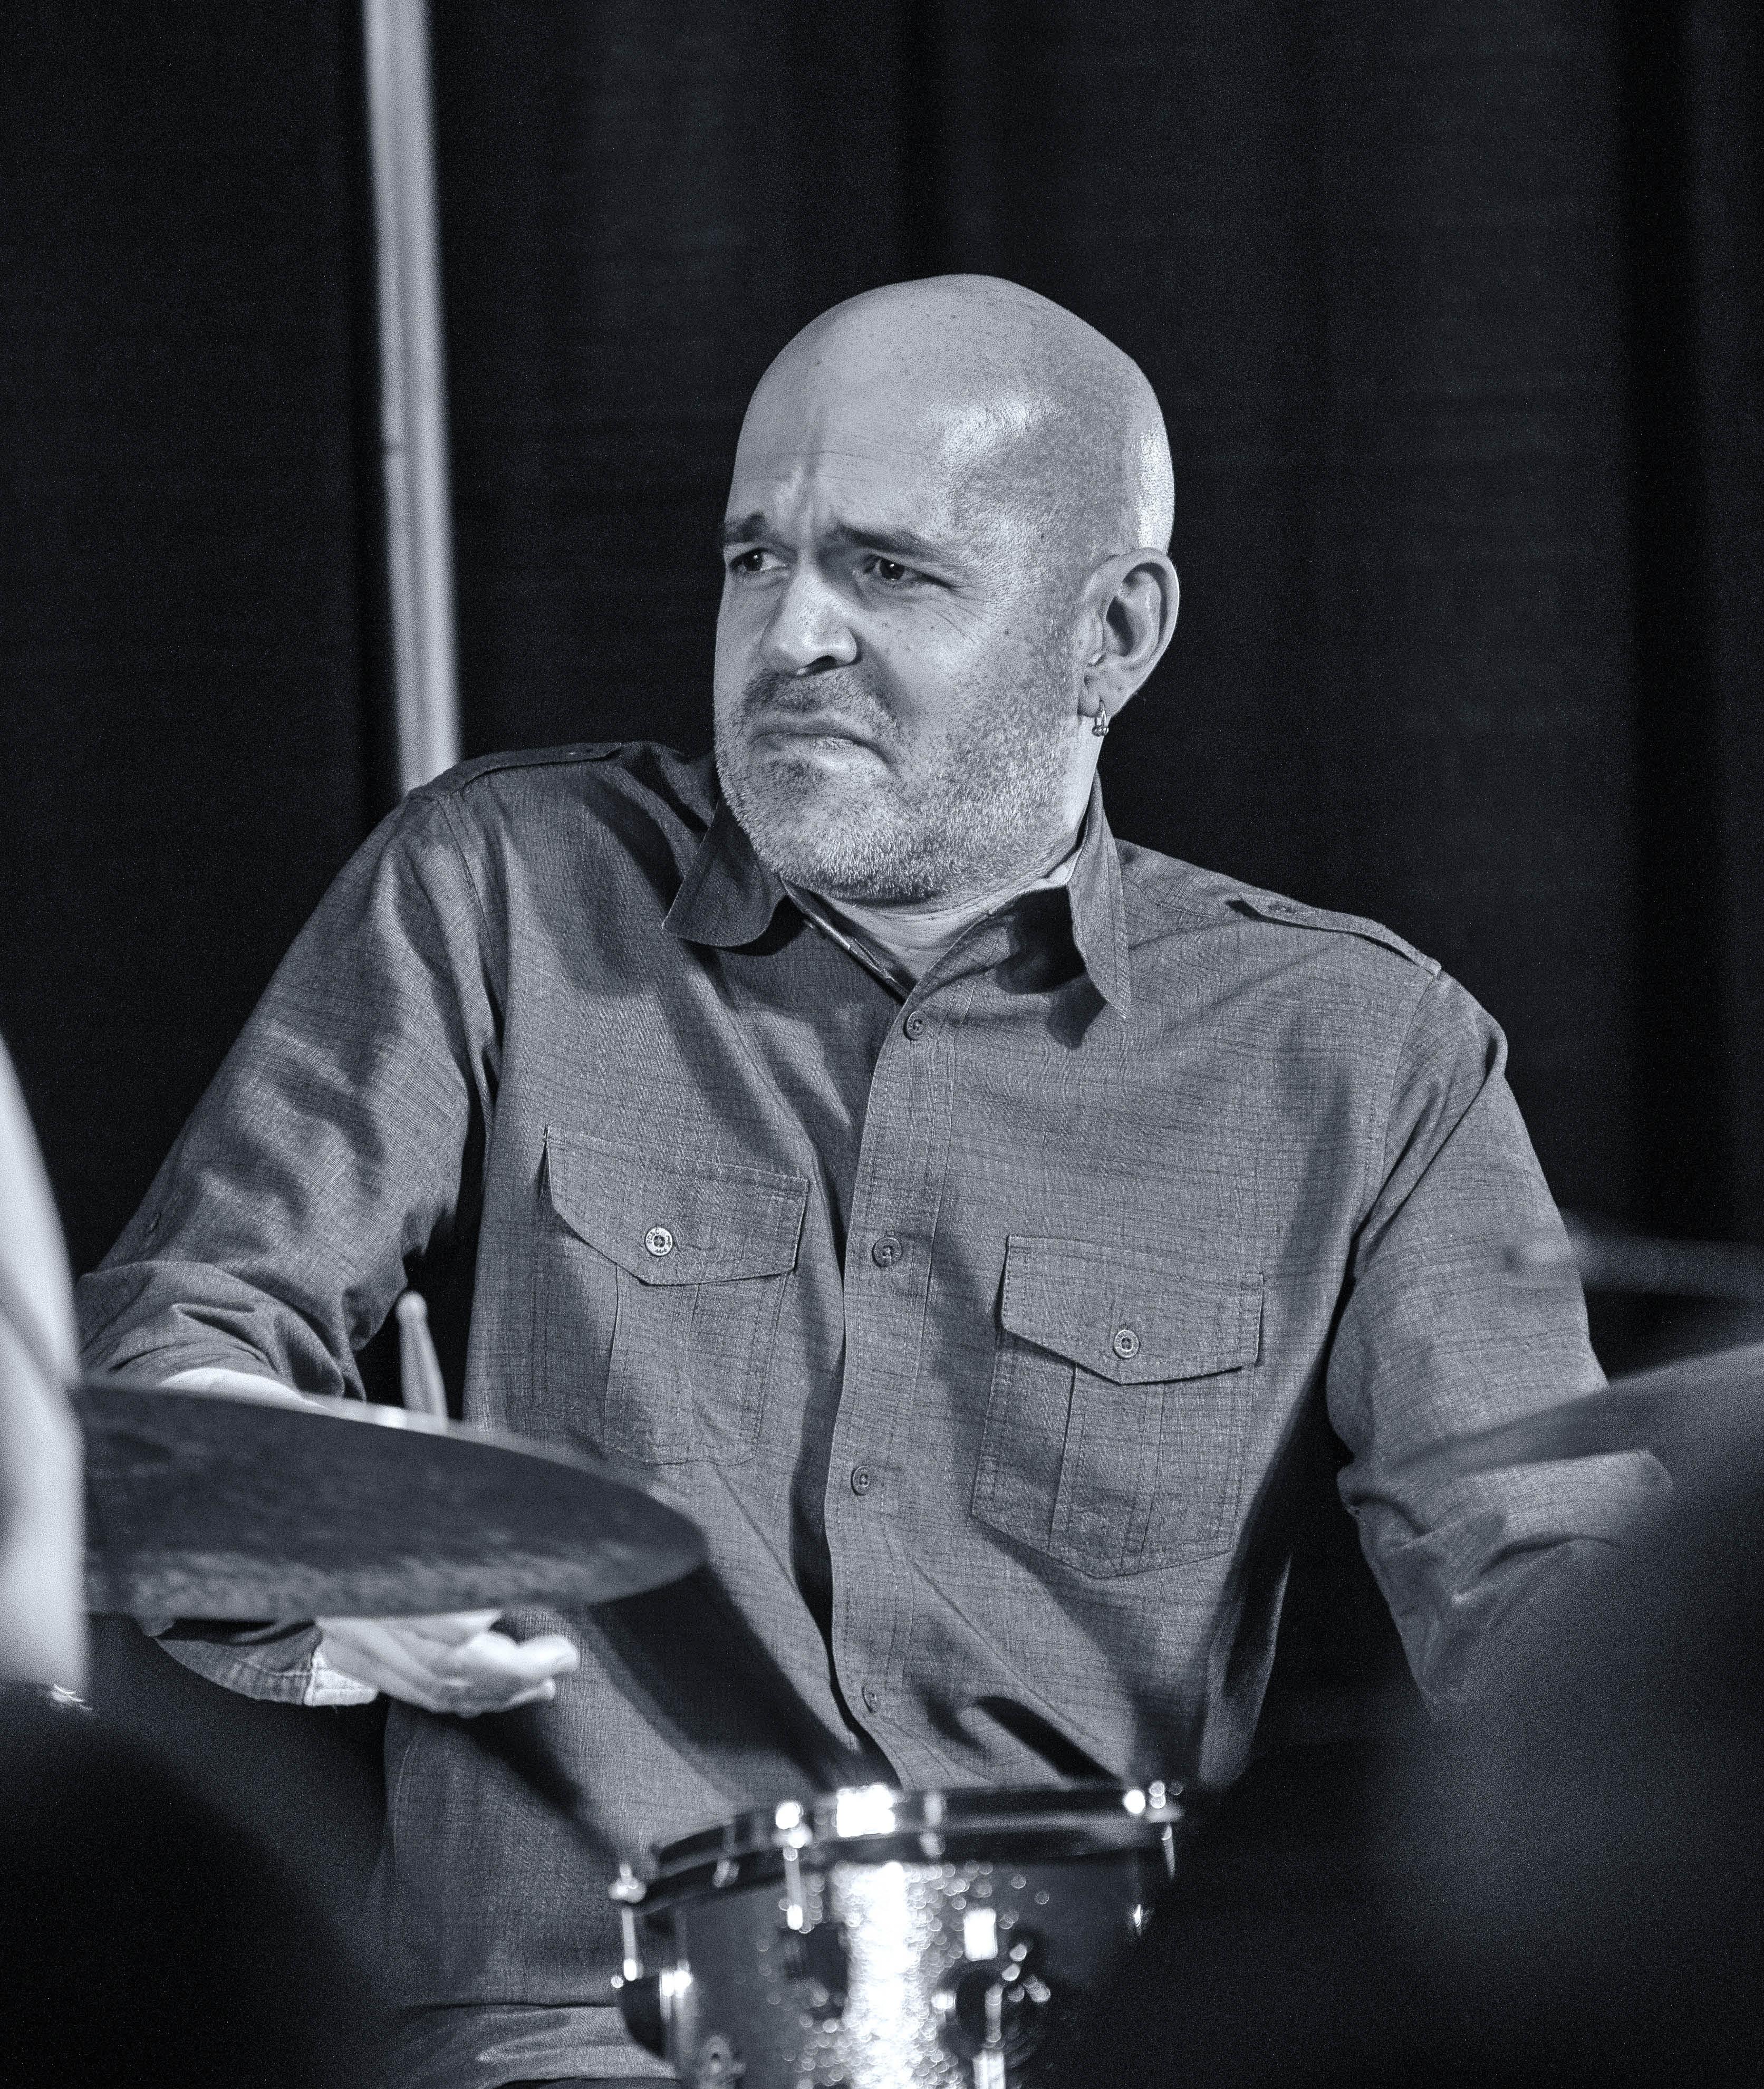 Brian Caputo